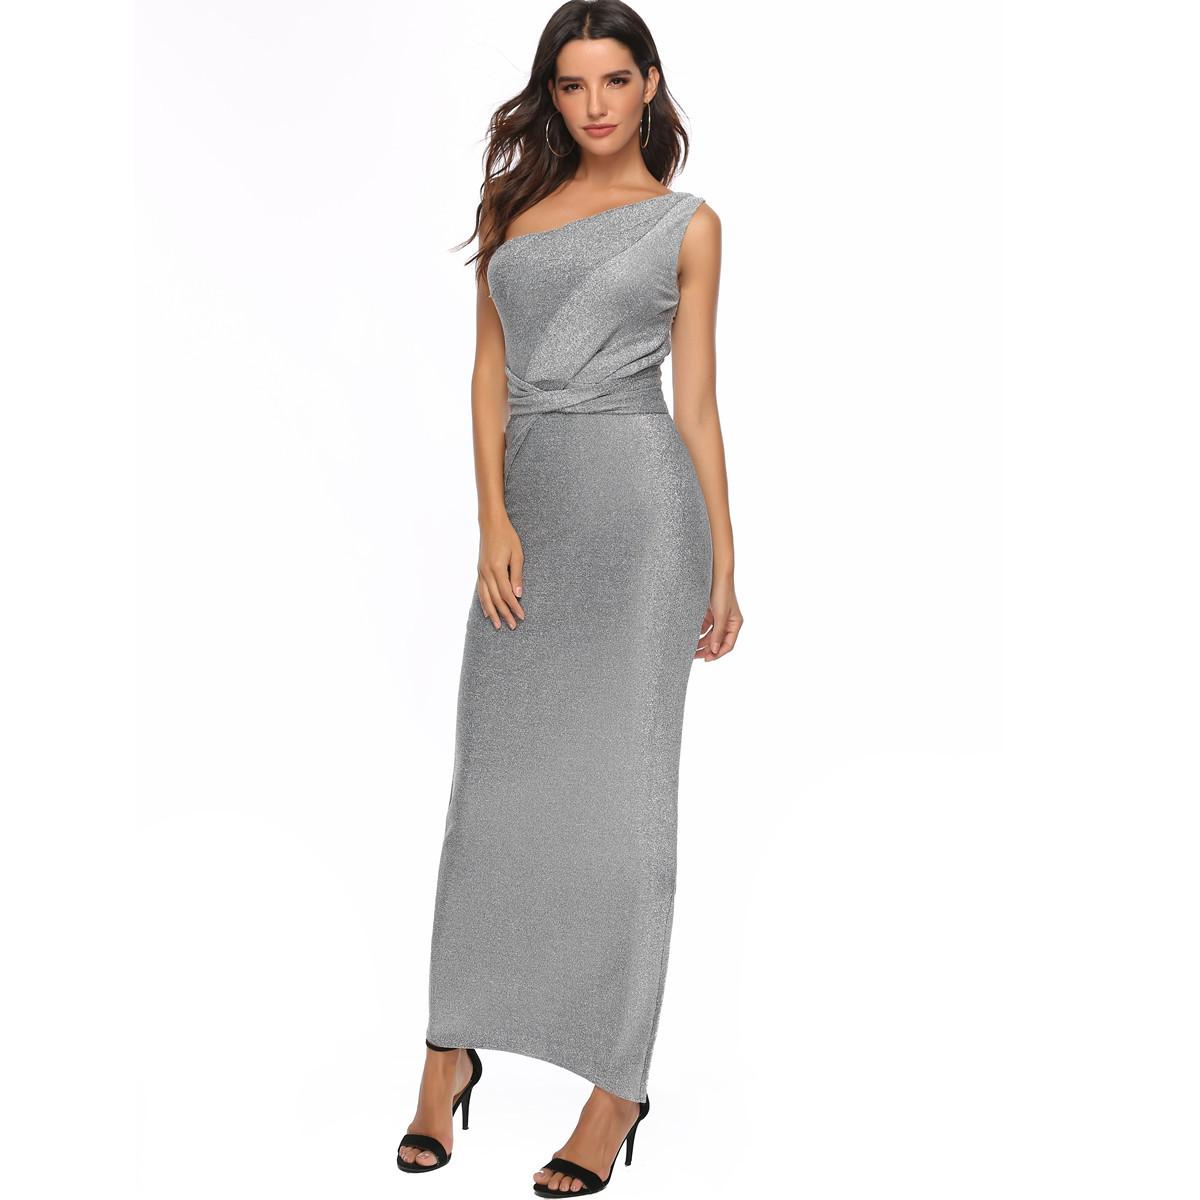 neue frauen-dame ein-schulter bright silk elegant dress rock große größe  abendkleid silbern solor bodenlangen